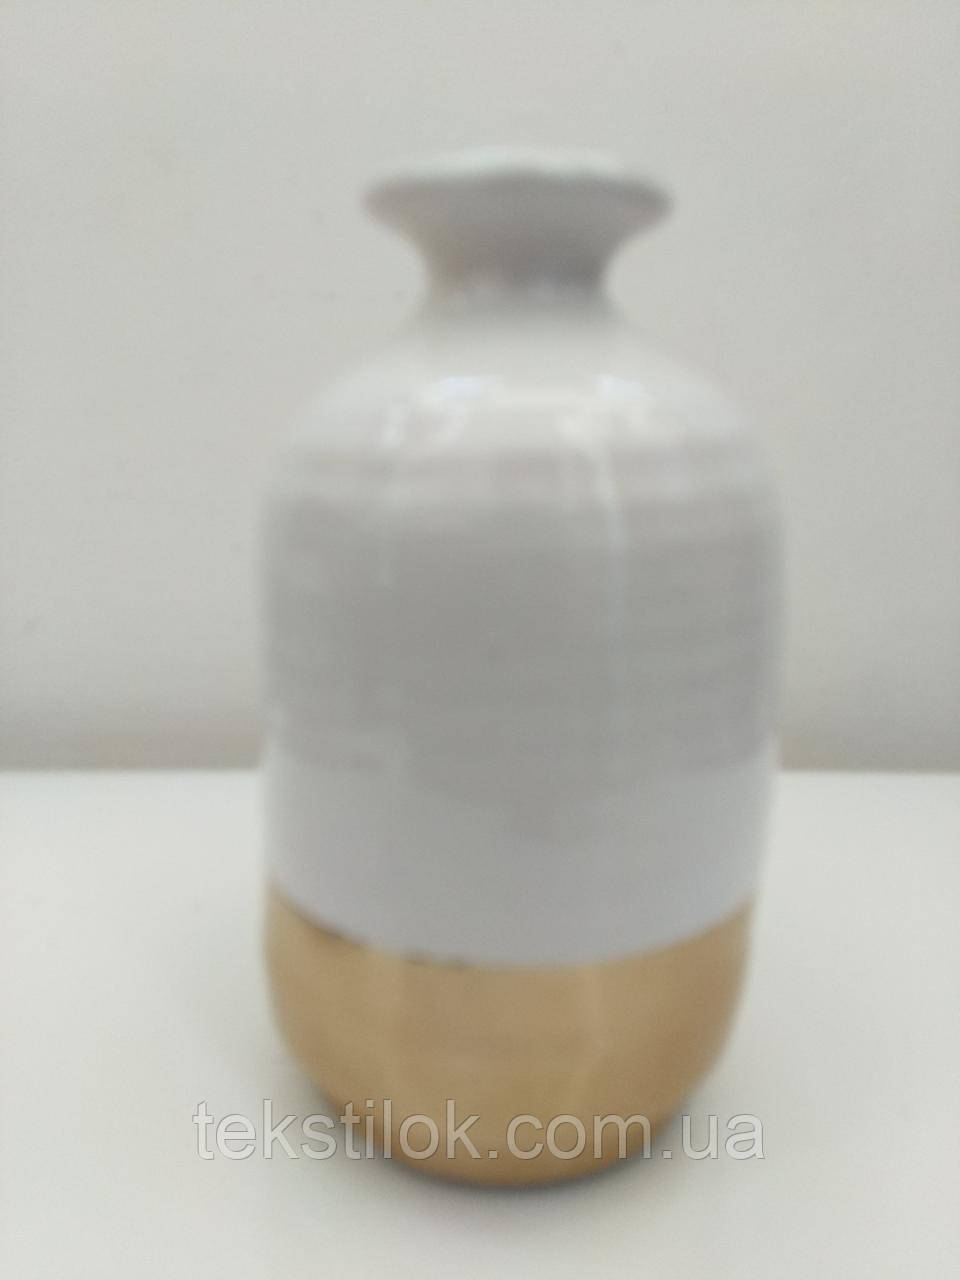 Ваза керамическая белая 14 см.